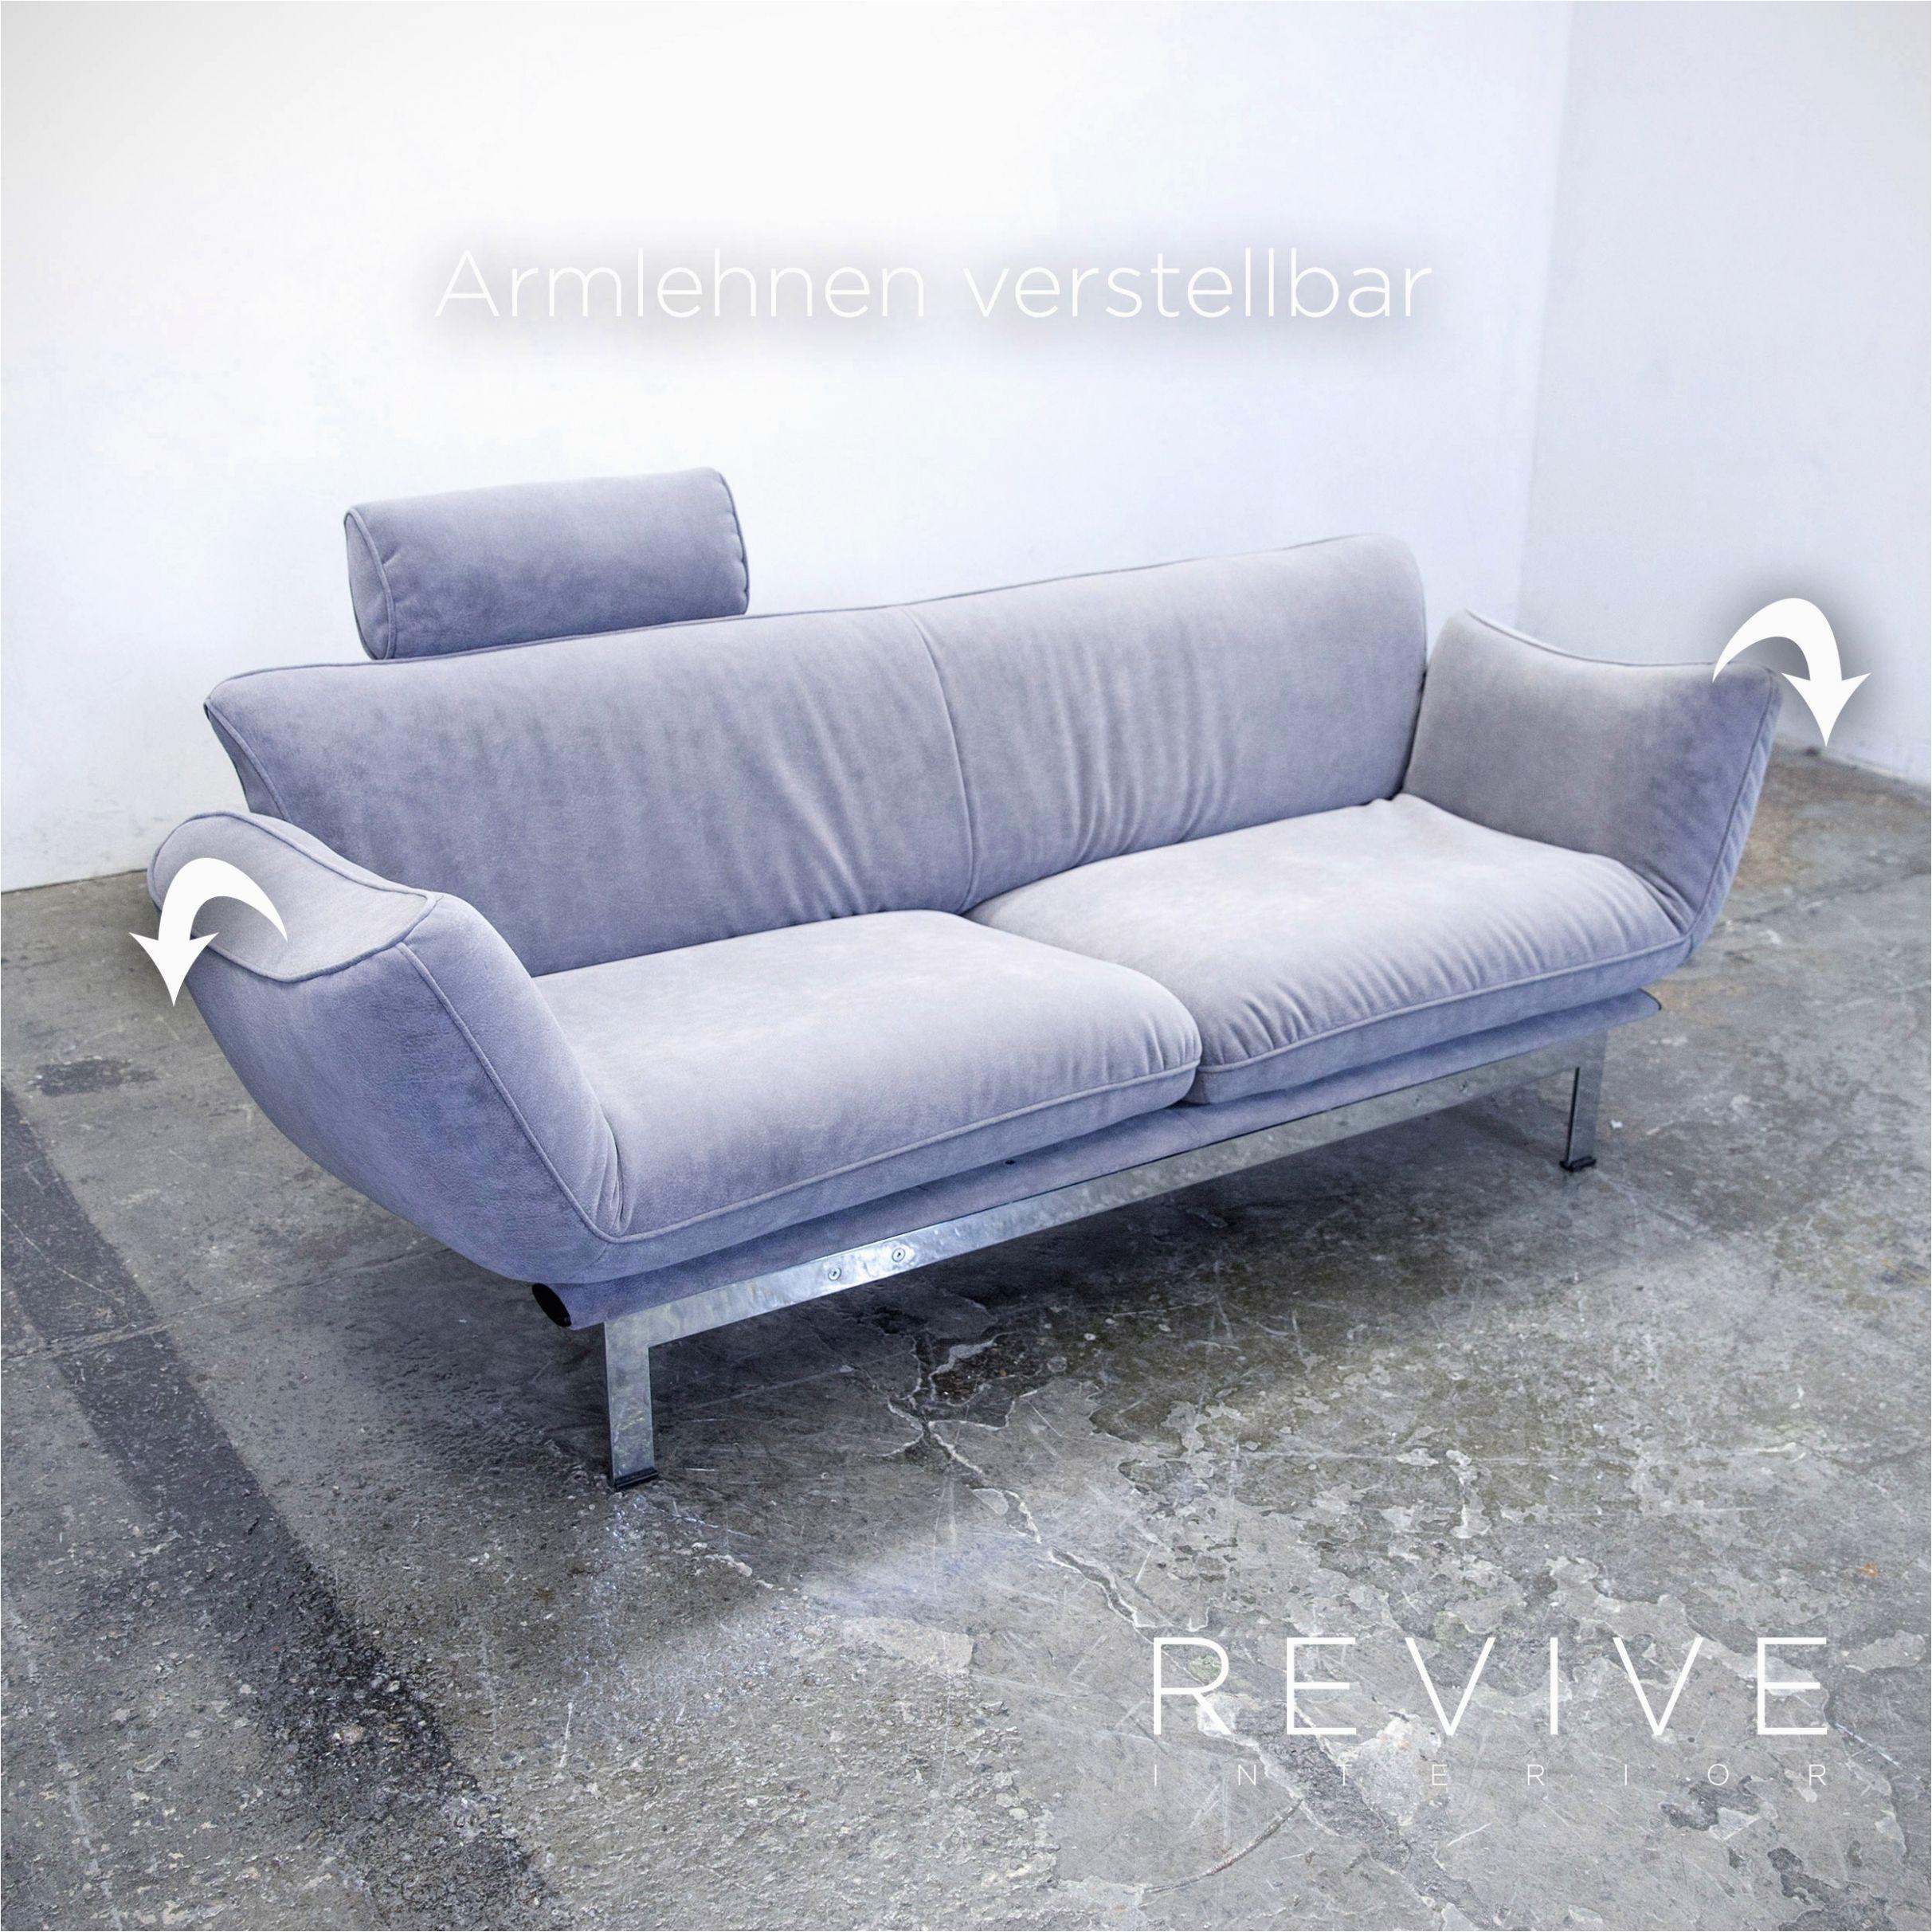 Stoff Um sofa Zu Beziehen Stoffe Für Stühle Beziehen Deko Kissen Für Graues sofa